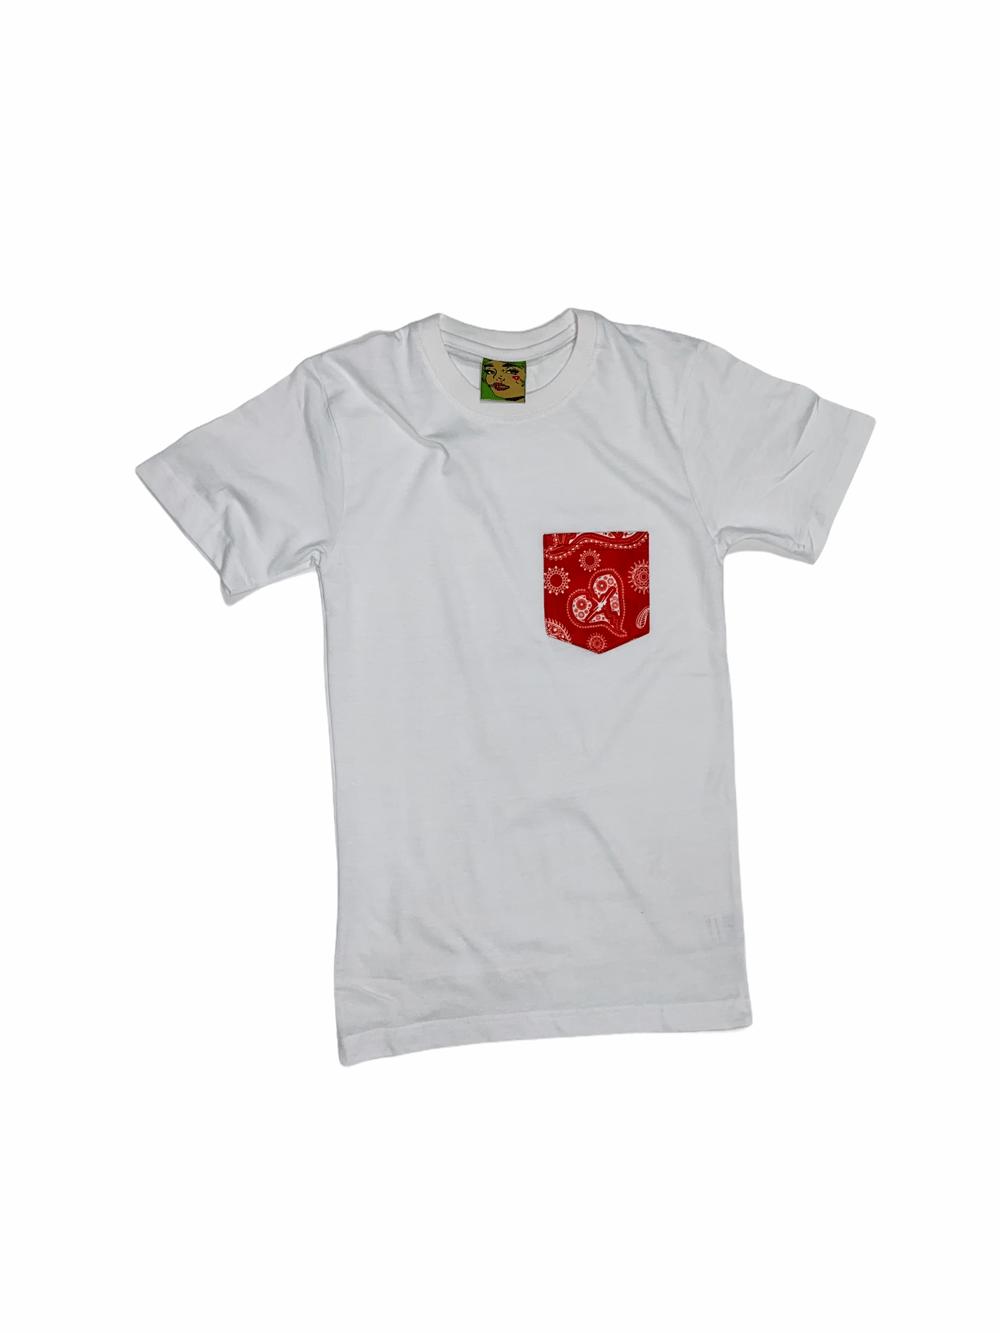 No Feelings Pocket Paisley Tshirts